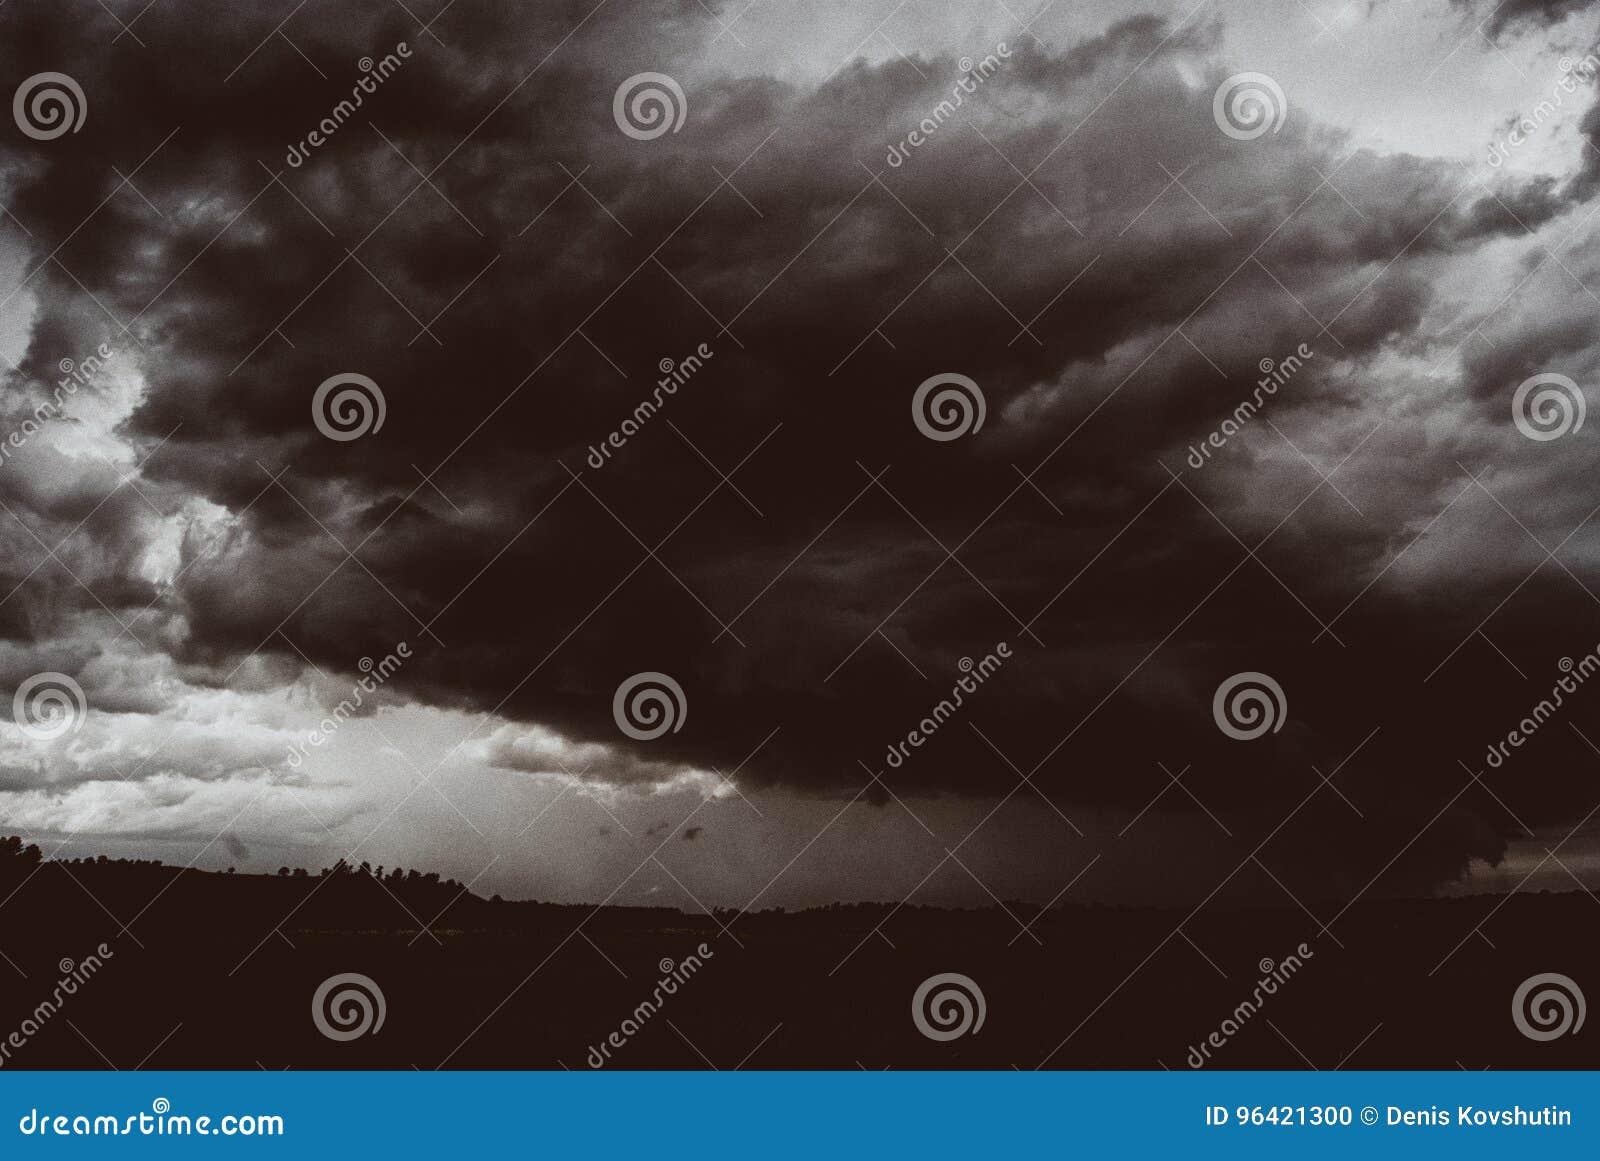 Sturmwirbelsturm über Sommerfeldern, -hügeln und -wäldern